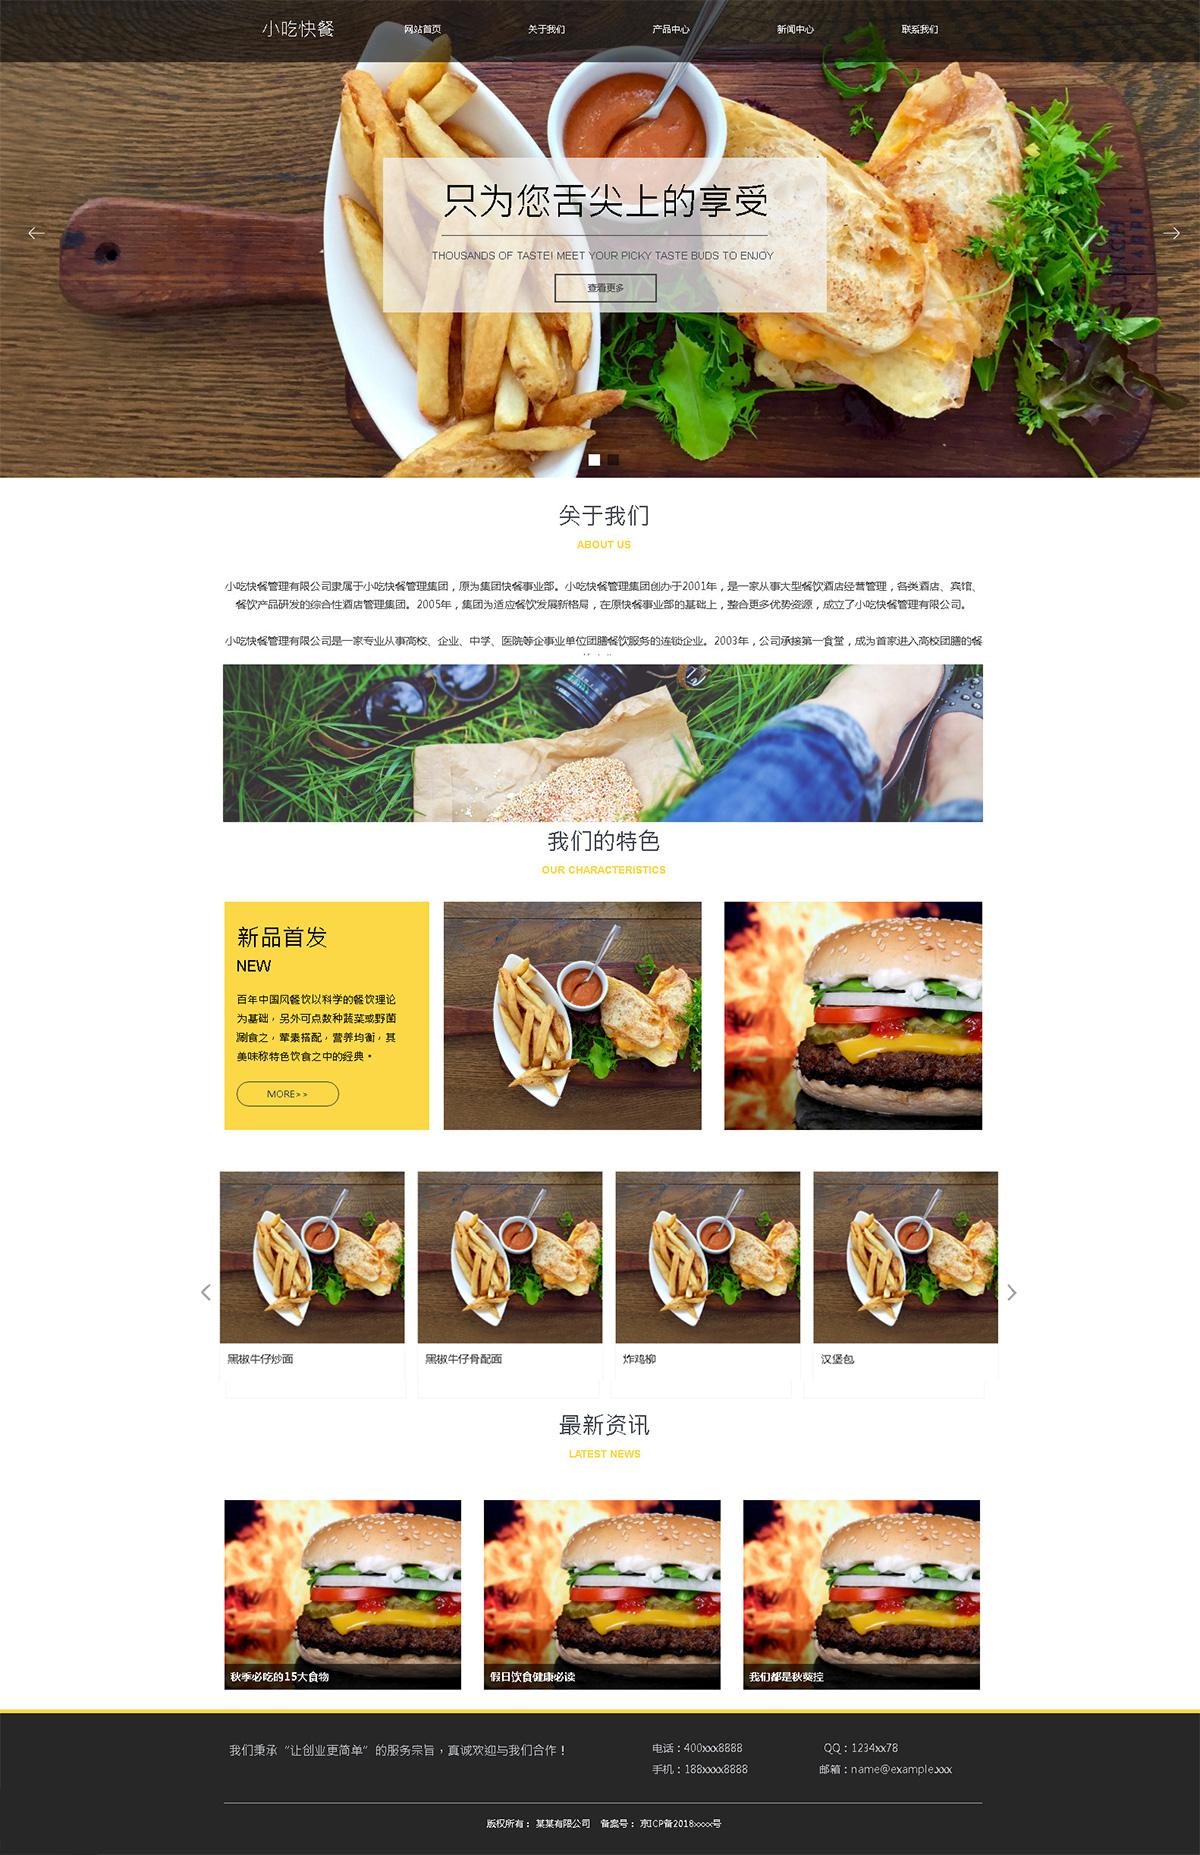 快餐行业网站案例效果图